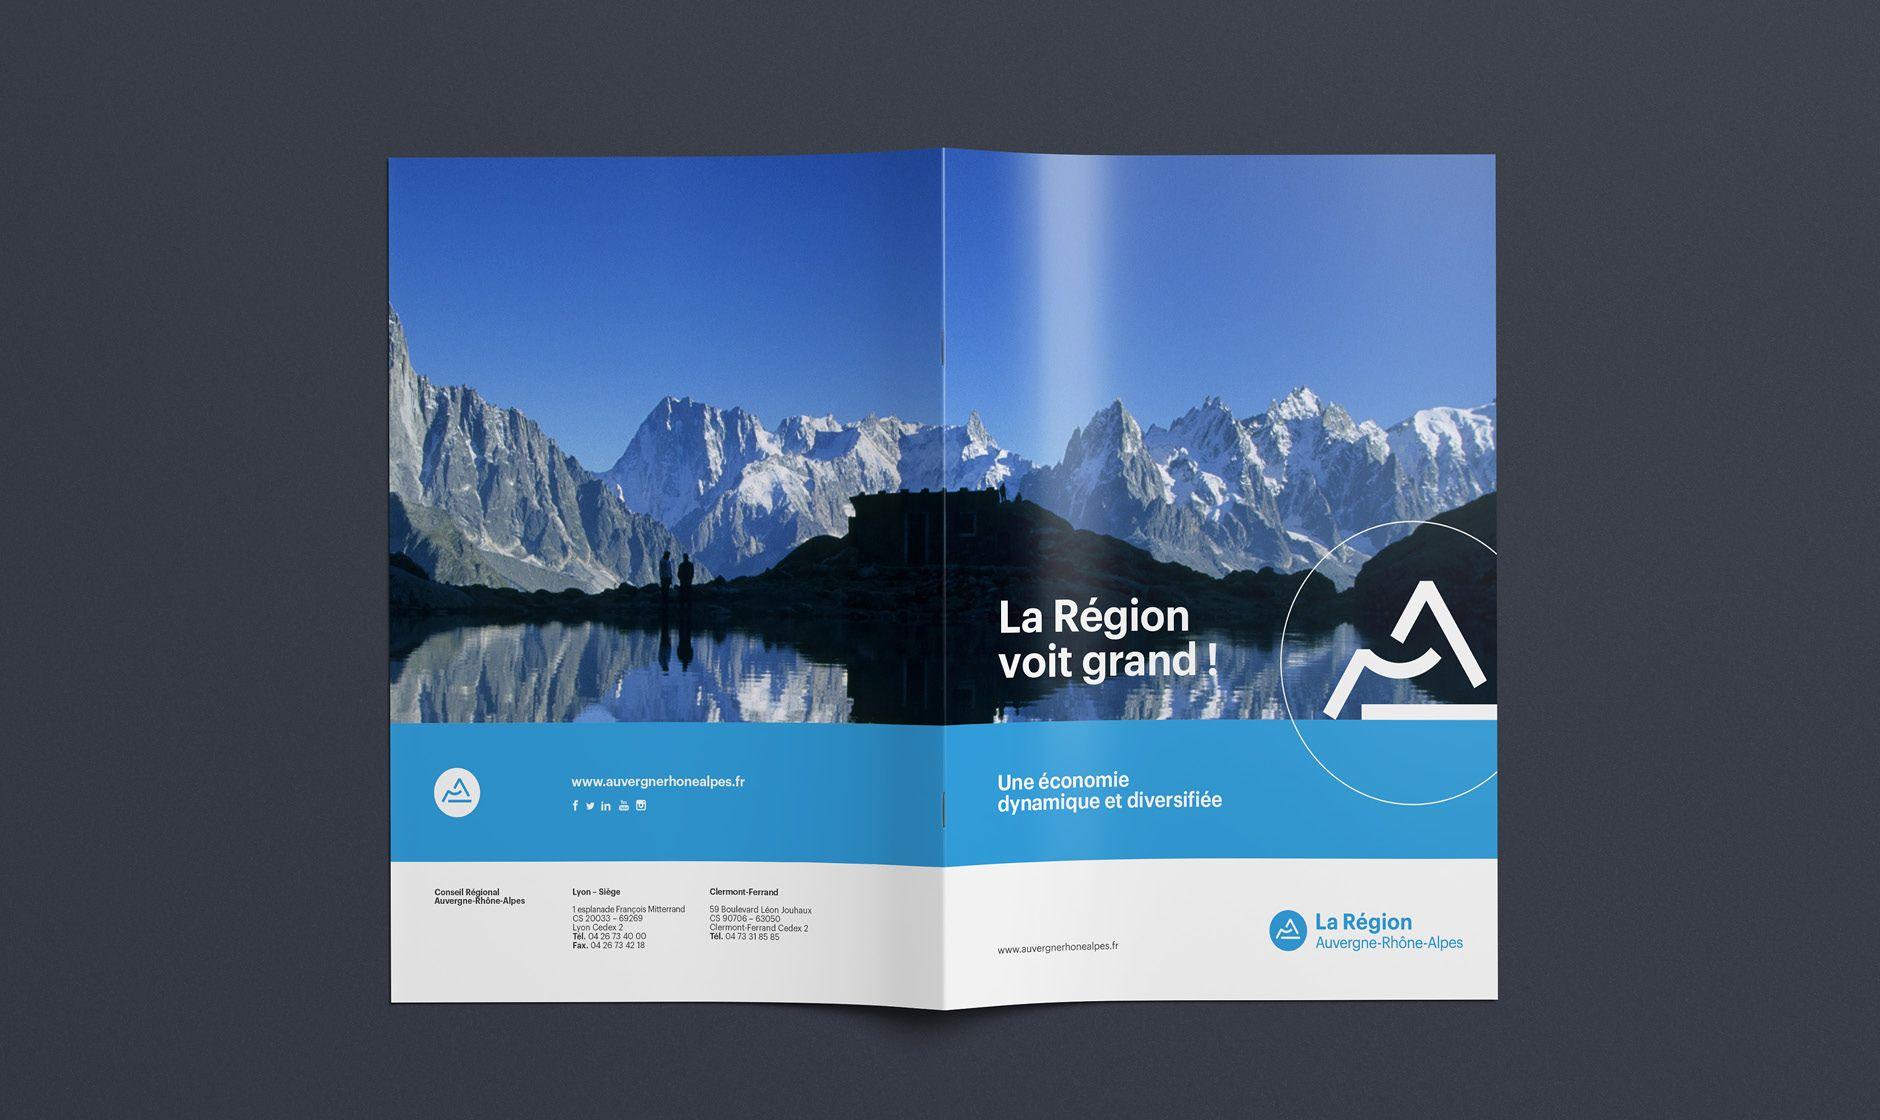 Architecture de marque de la Région AuvergneRhôneAlpes